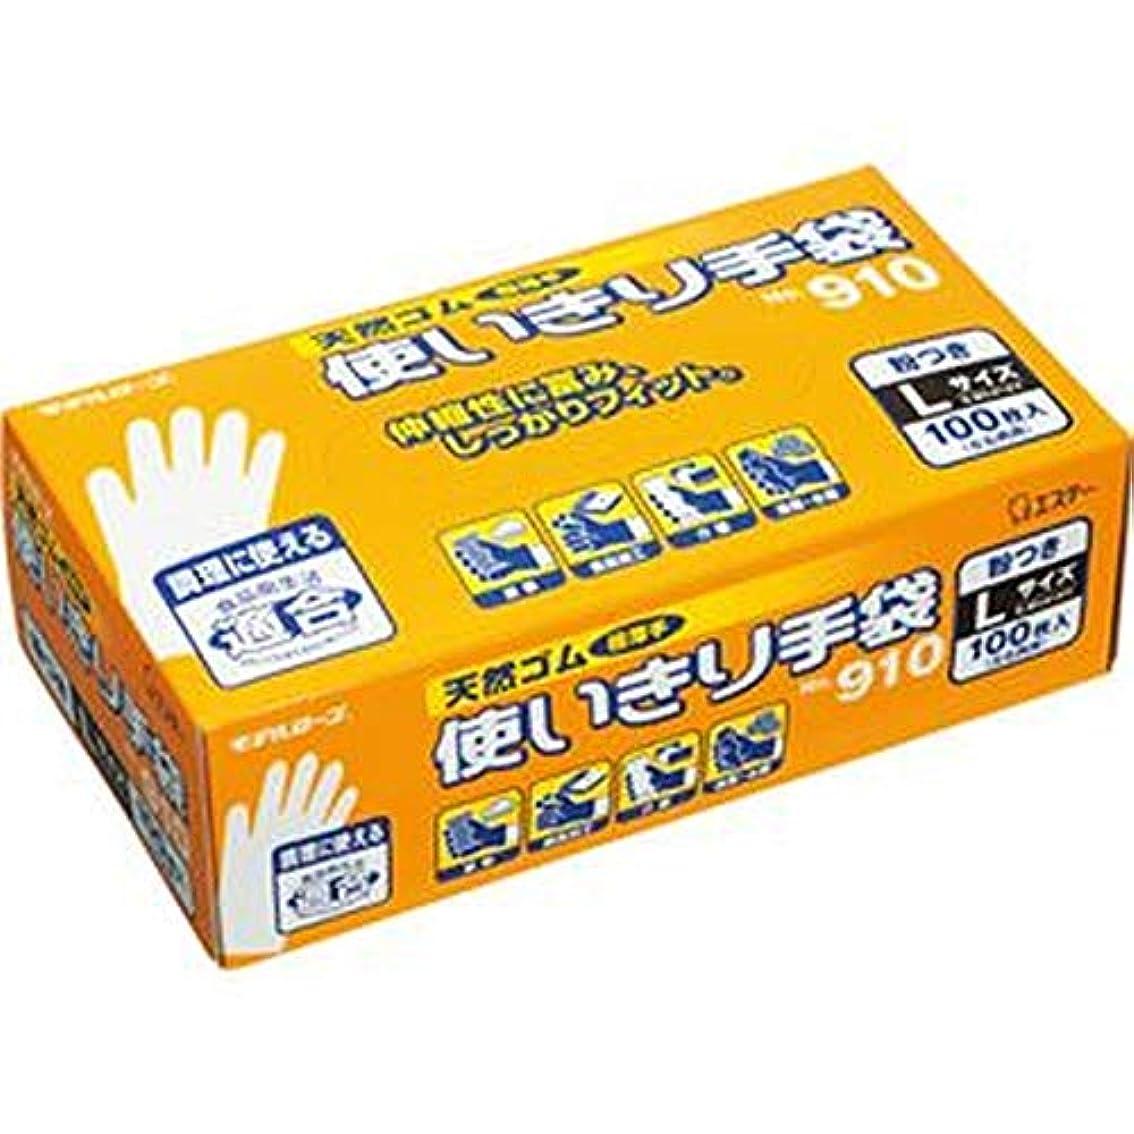 宿暗殺する定規- まとめ - / エステー/No.910 / 天然ゴム使いきり手袋 - 粉付 - / L / 1箱 - 100枚 - / - ×5セット -